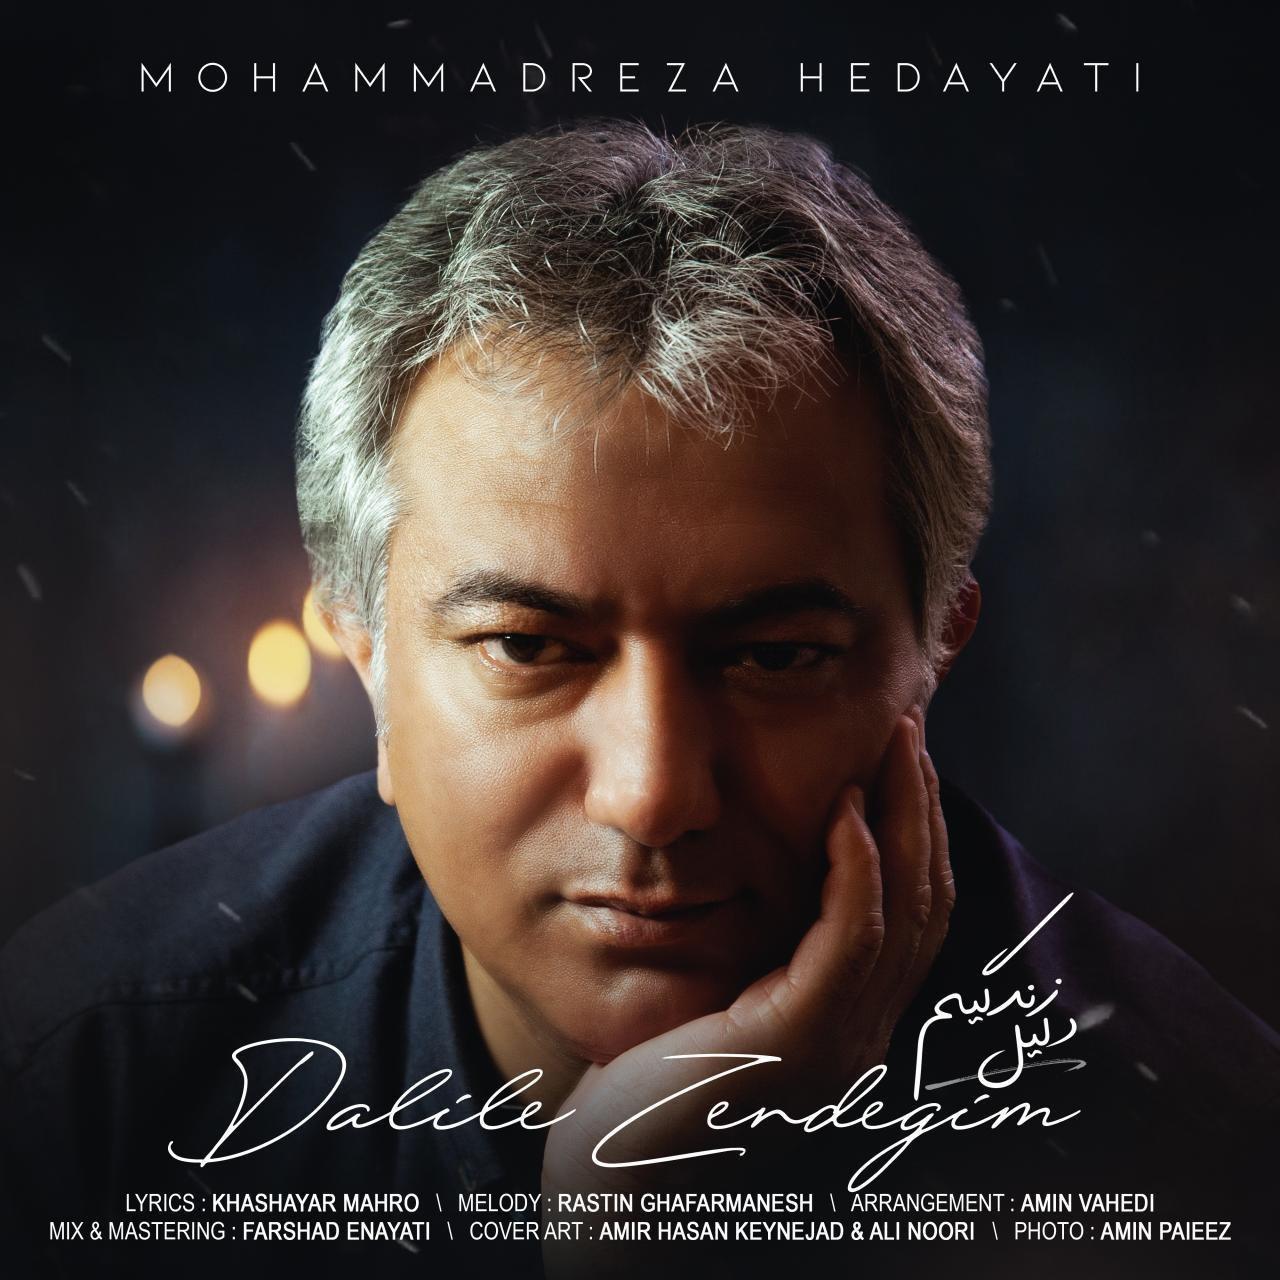 دانلود آهنگ جدید محمدرضا هدایتی به نام دلیل زندگیم